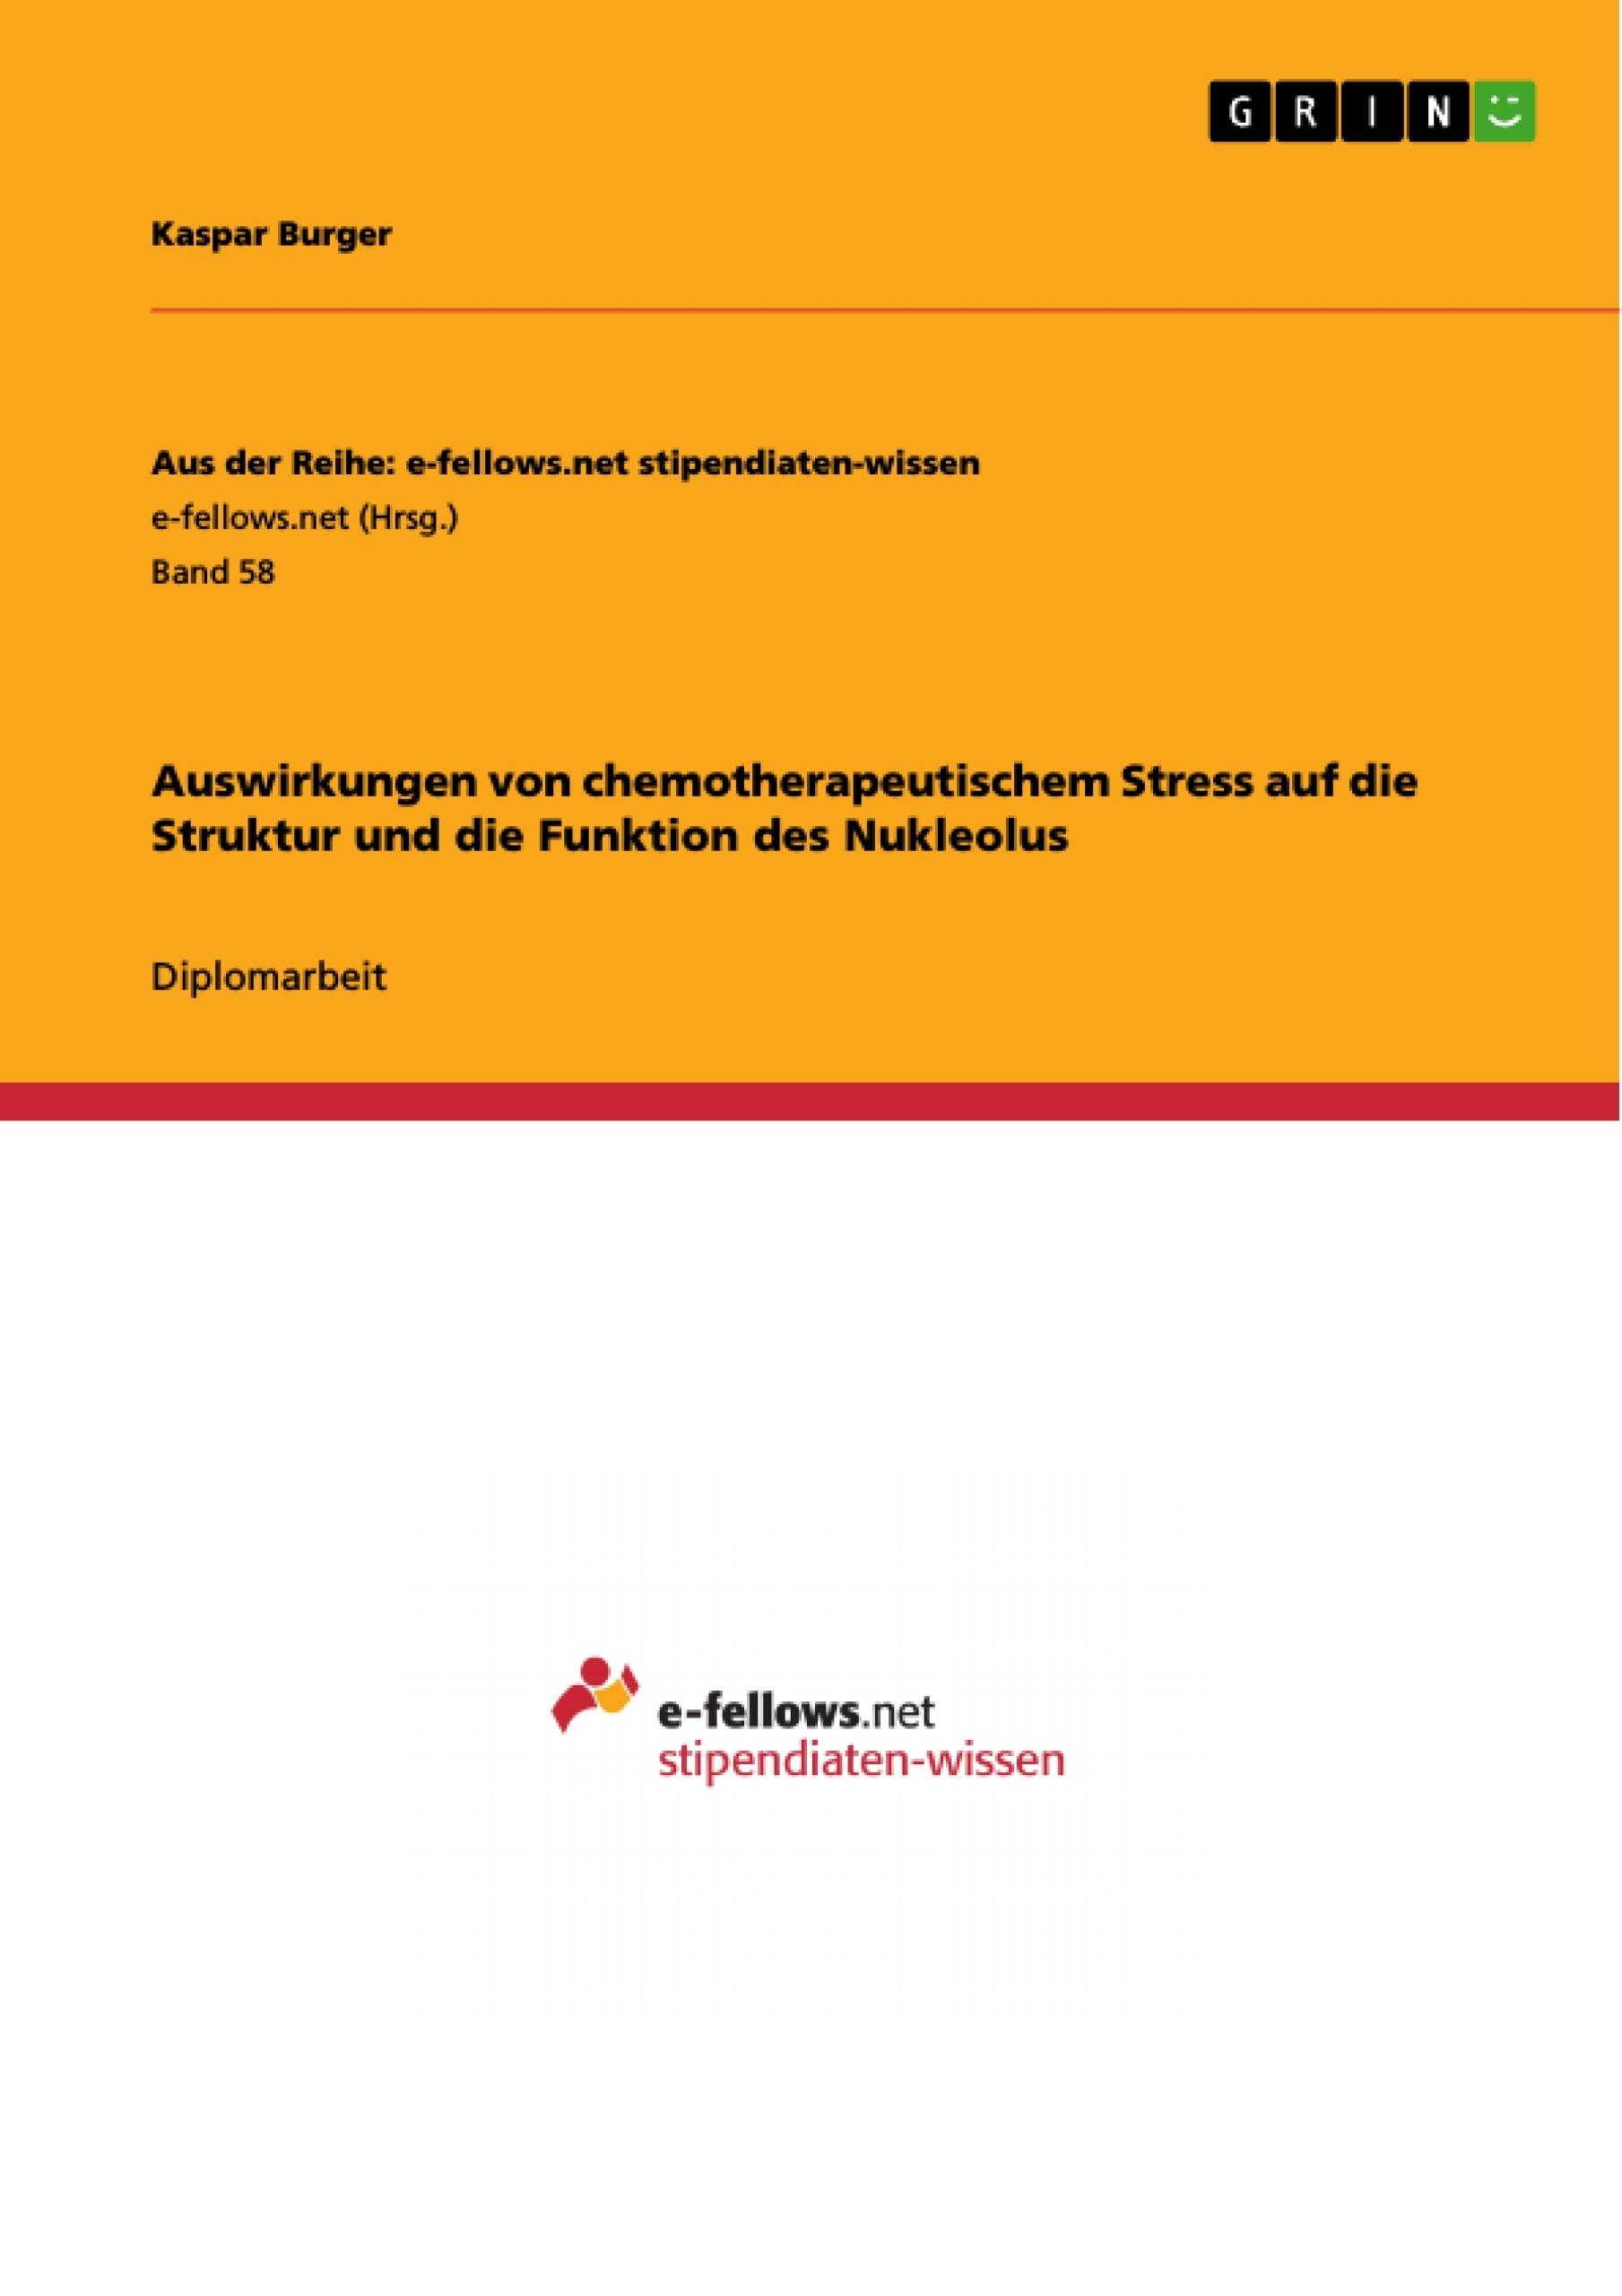 Titel: Auswirkungen von chemotherapeutischem Stress auf die Struktur und die Funktion des Nukleolus